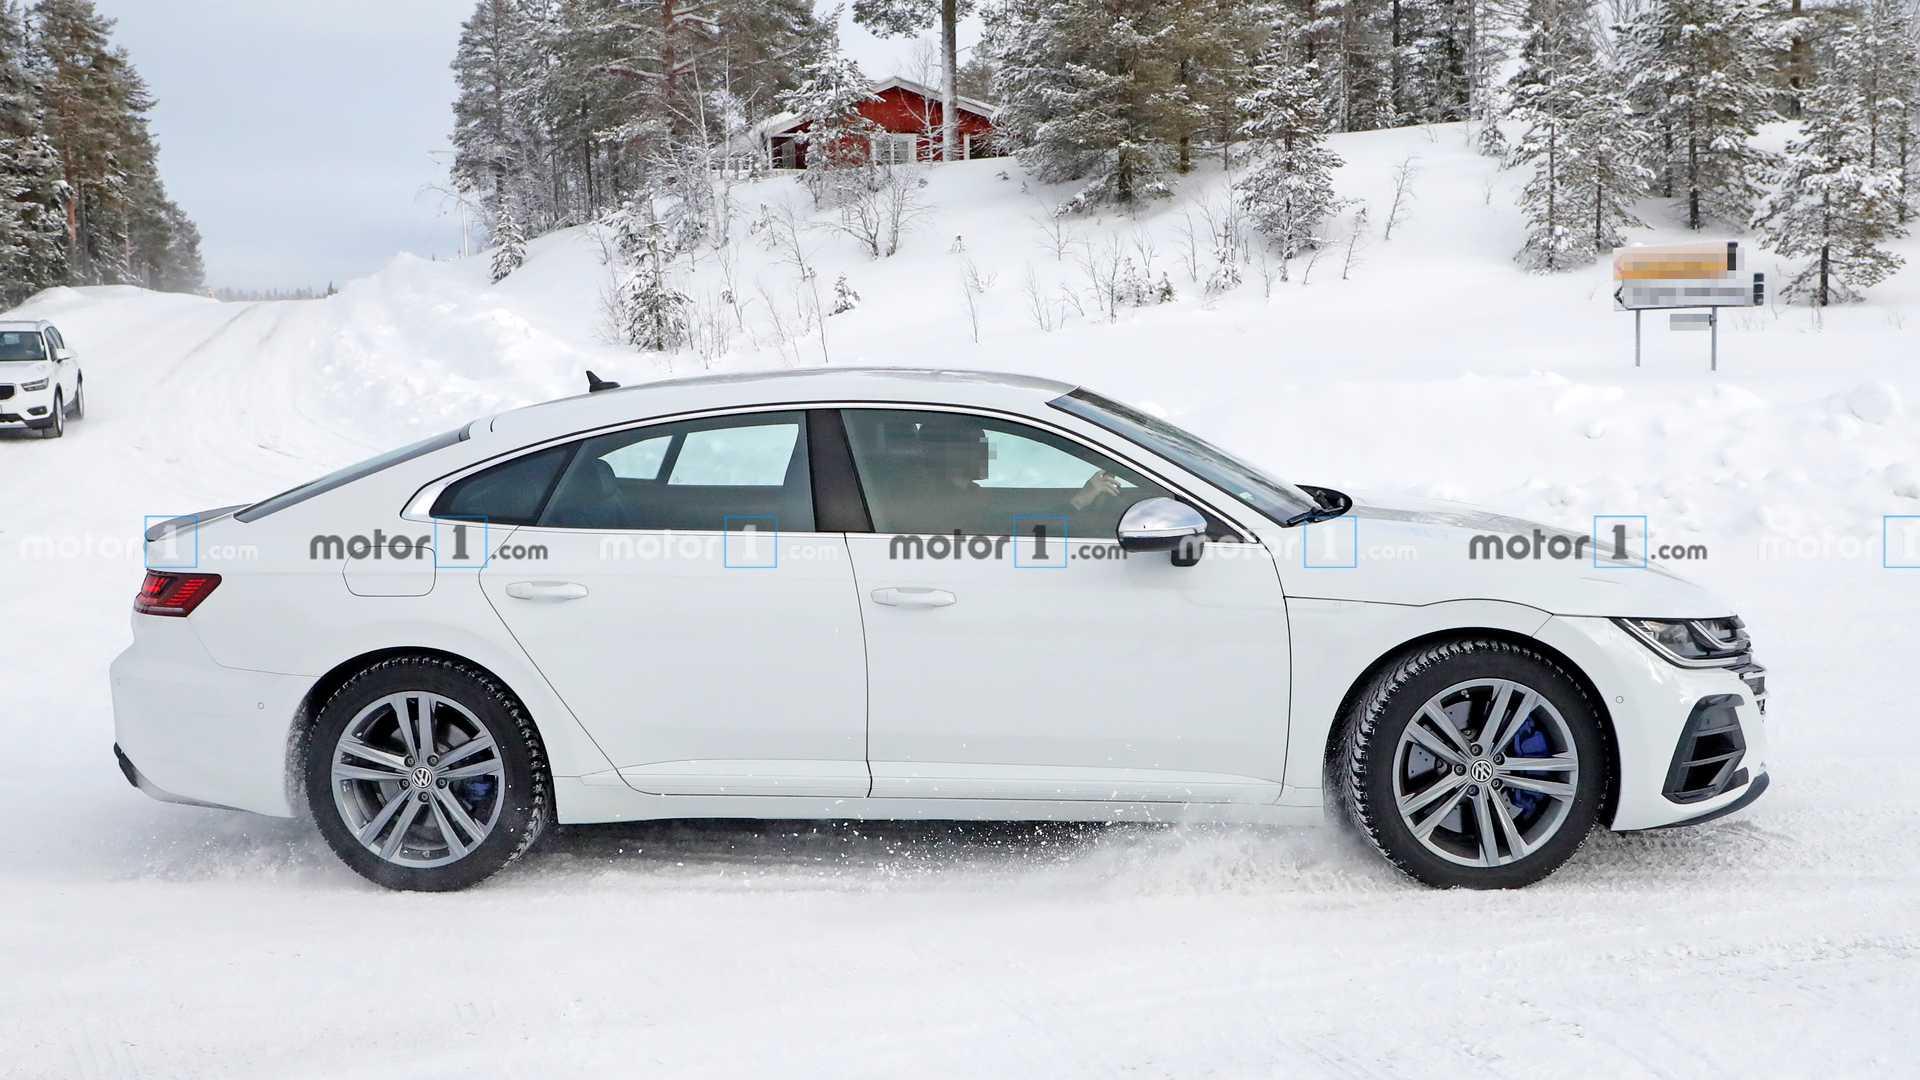 Замечен прототип «заряженного» флагманского лифтбэка Volkswagen Arteon R